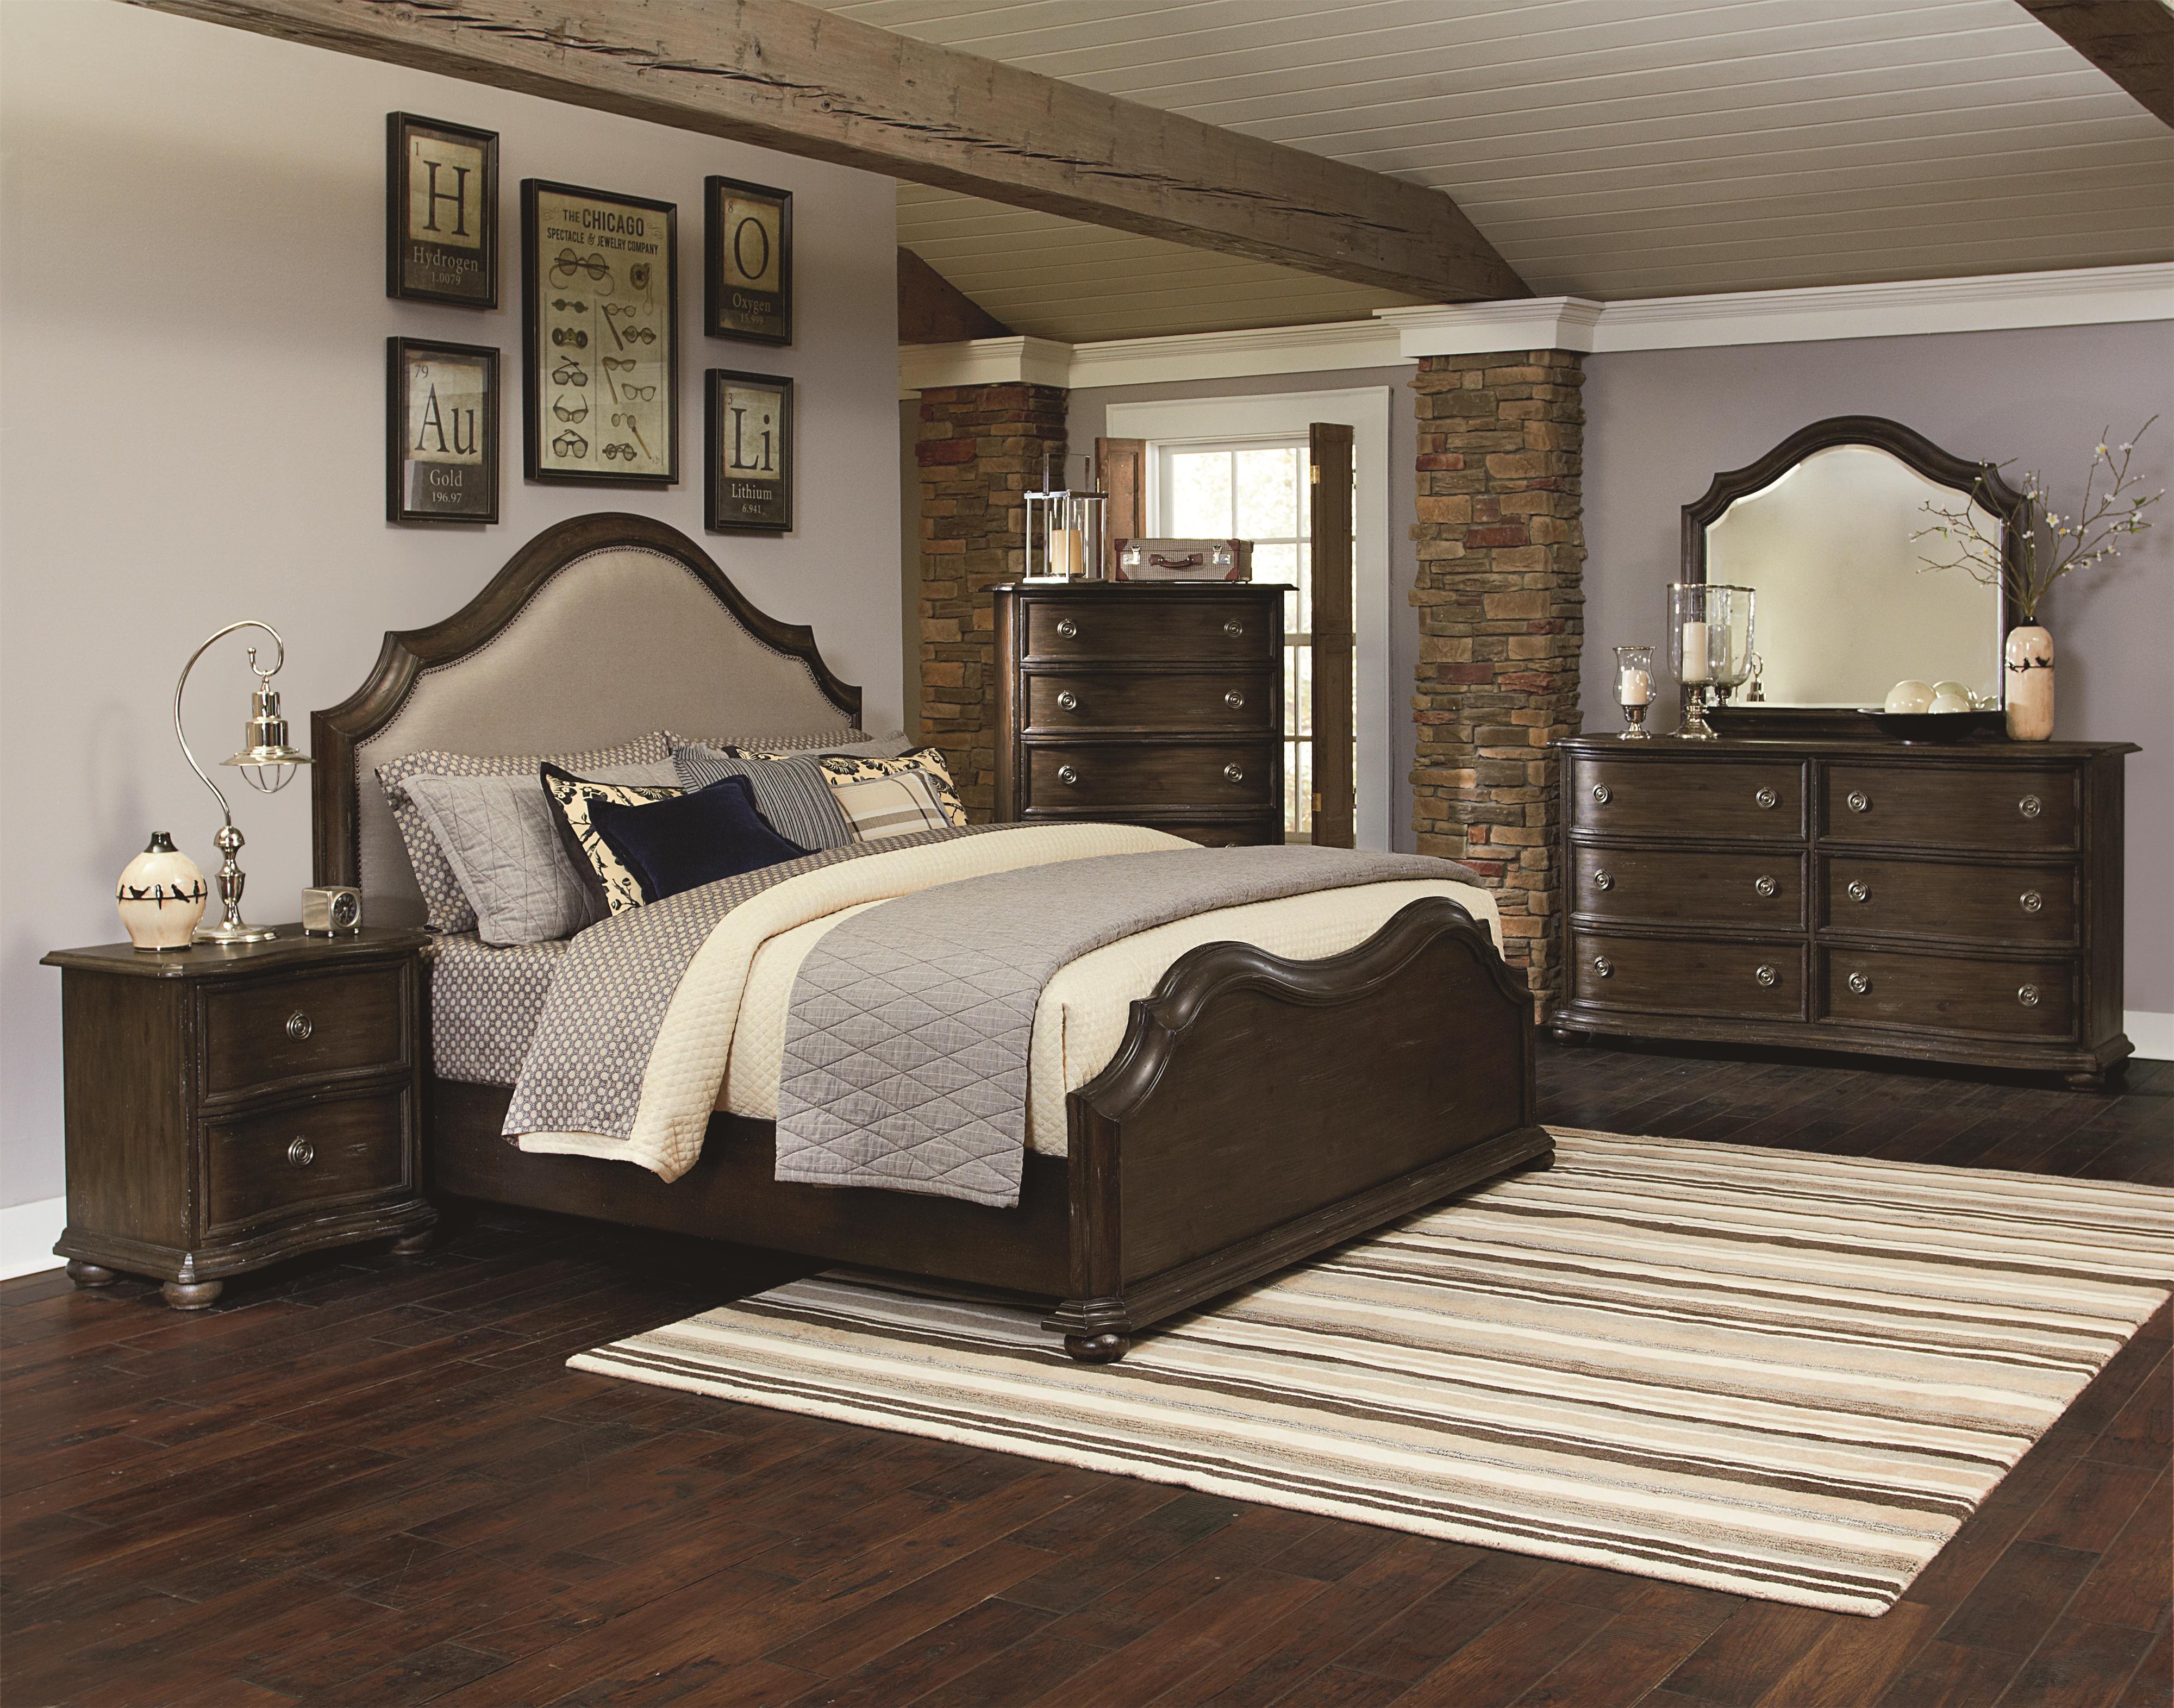 Magnussen Home Muirfield Bedroom Queen Bedroom Group - Item Number: B2258 Q Bedroom Group 2